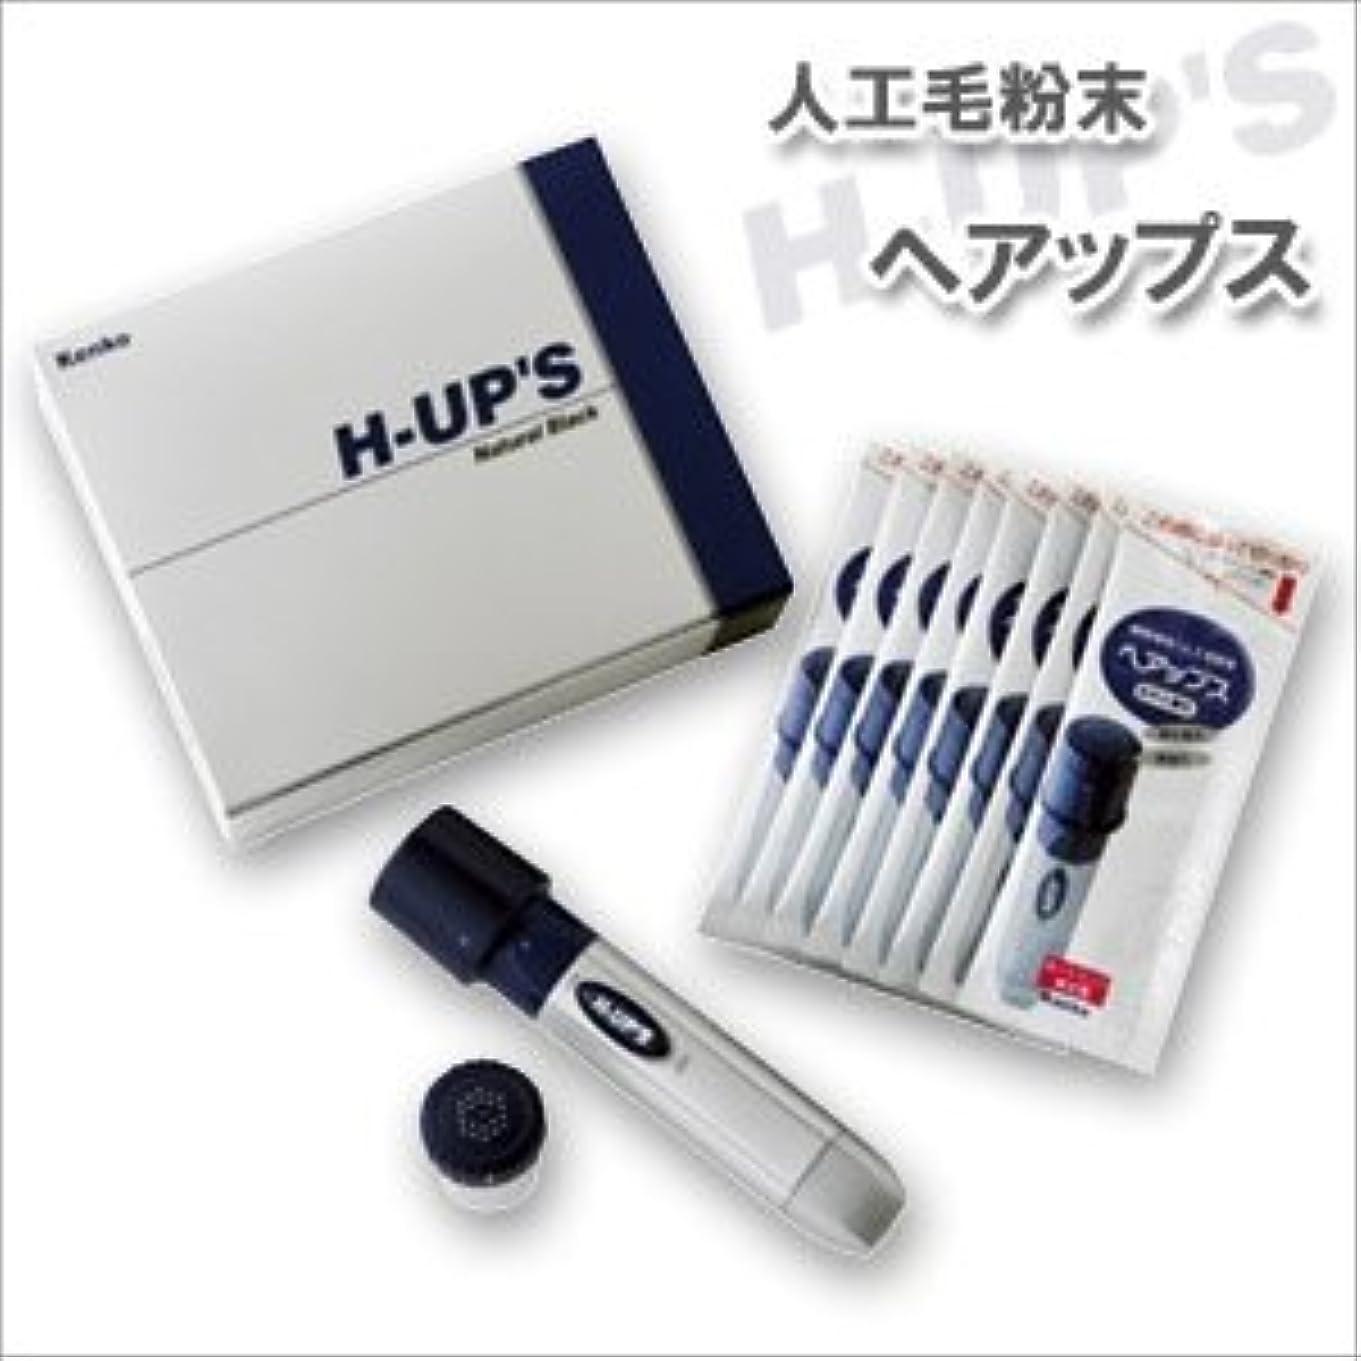 中性旅客口実H-UP S ヘアップス 電動散布器本体 プラス 補充用カートリッジ 頭皮薄毛カバー粉末 ブラック